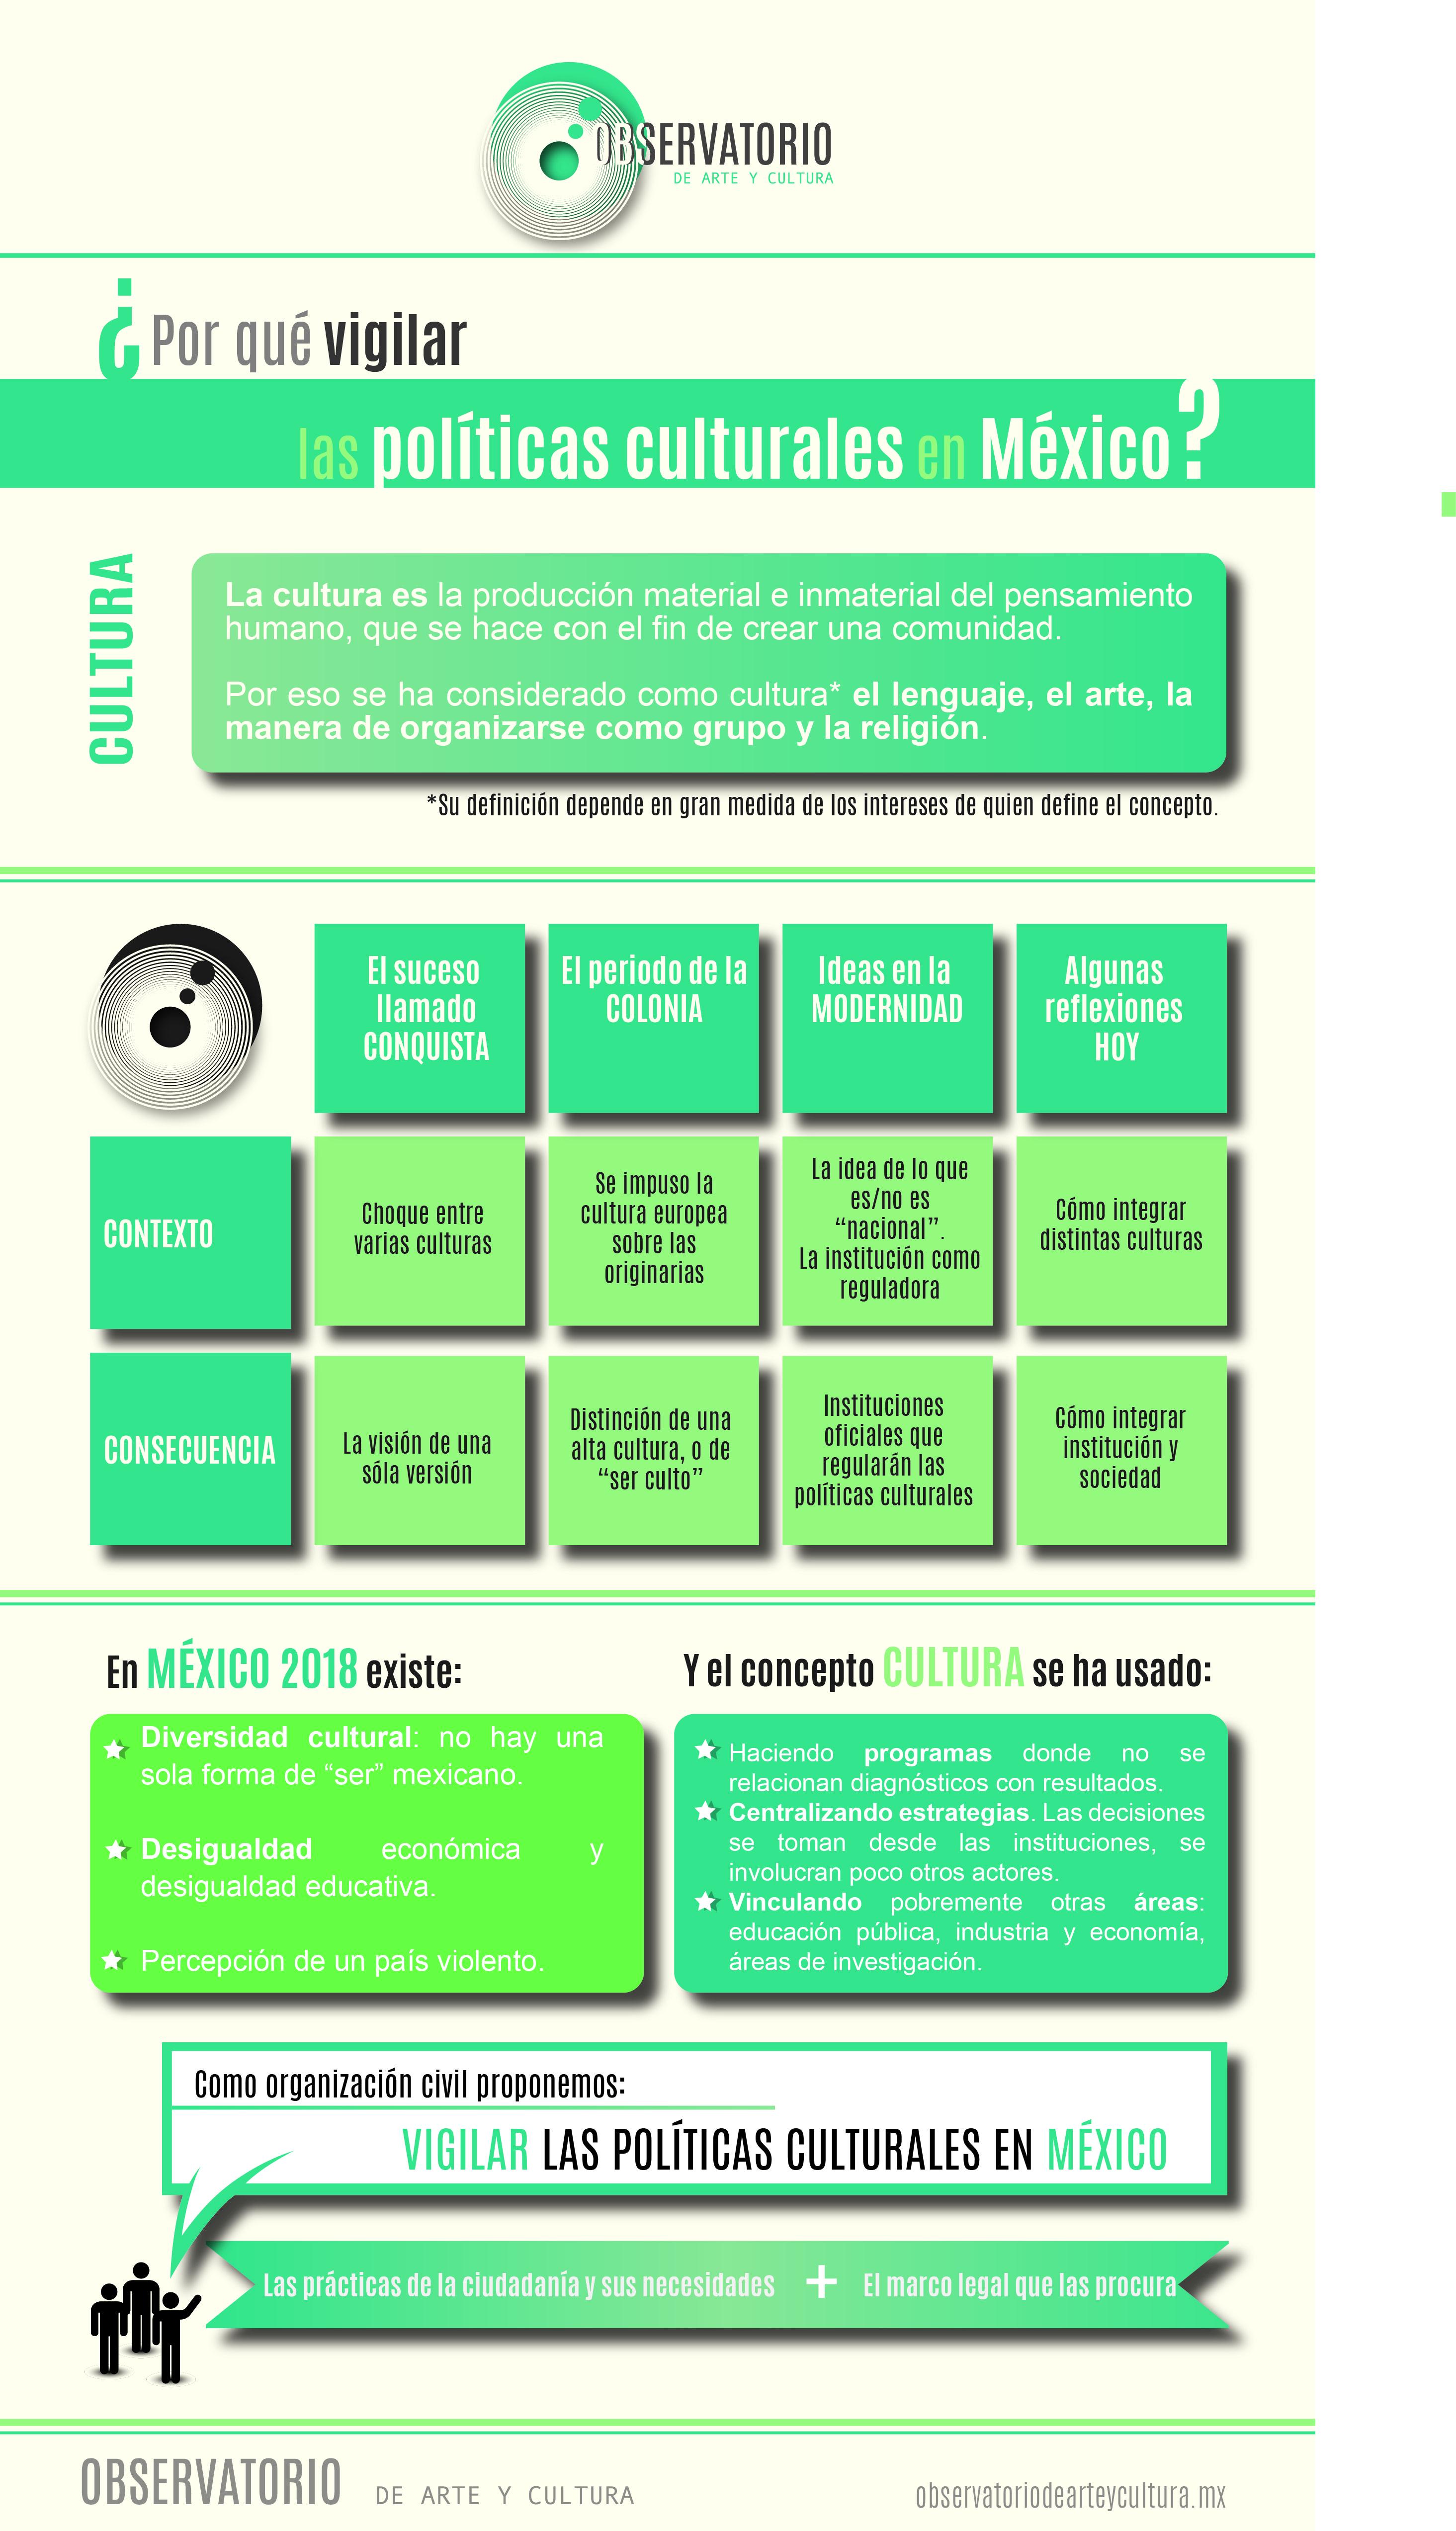 Infografia_Vigilar_Politicas_Culturales